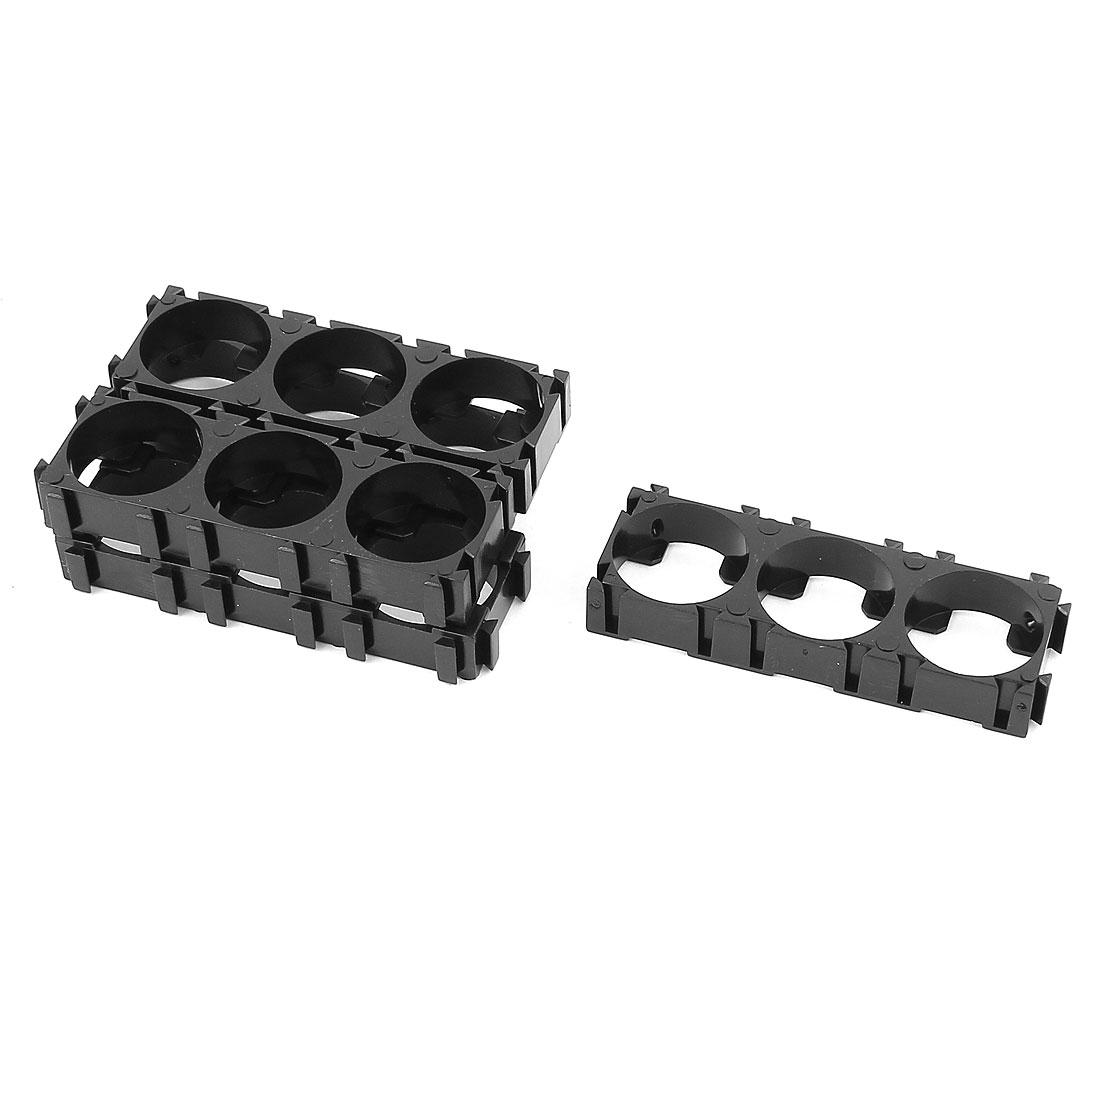 5 Pcs 18650 Lithium Battery Triple Holder Bracket for DIY Battery Pack